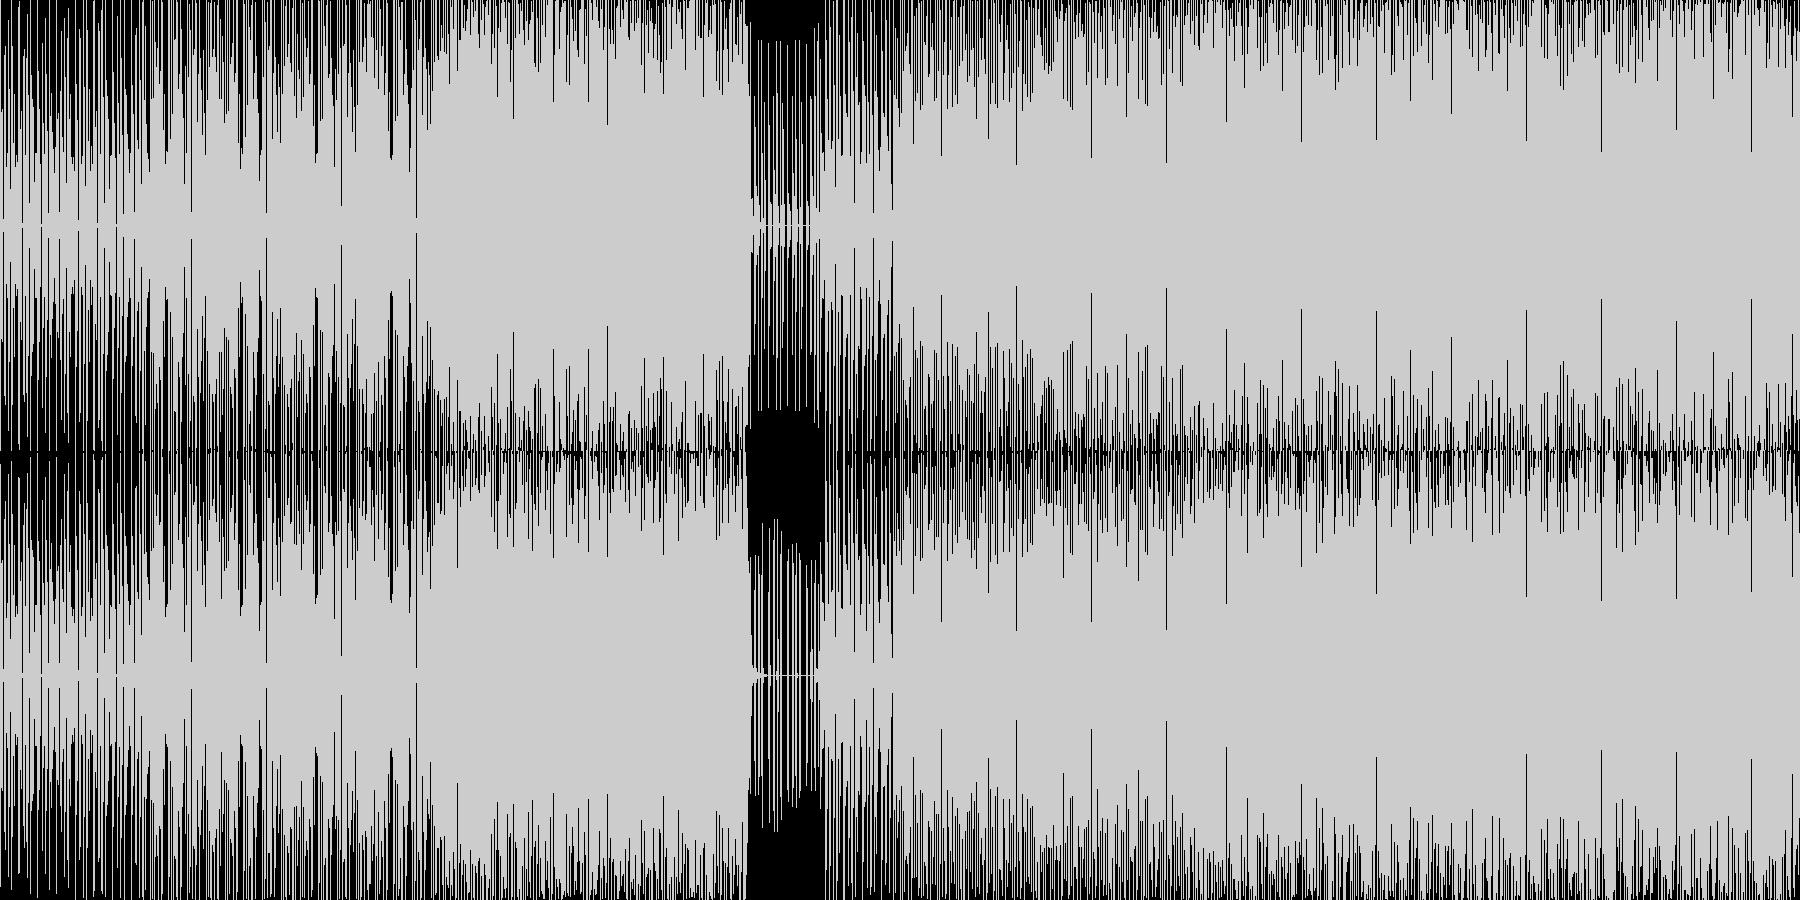 テクノでポップな街の探索(LOOP対応)の未再生の波形